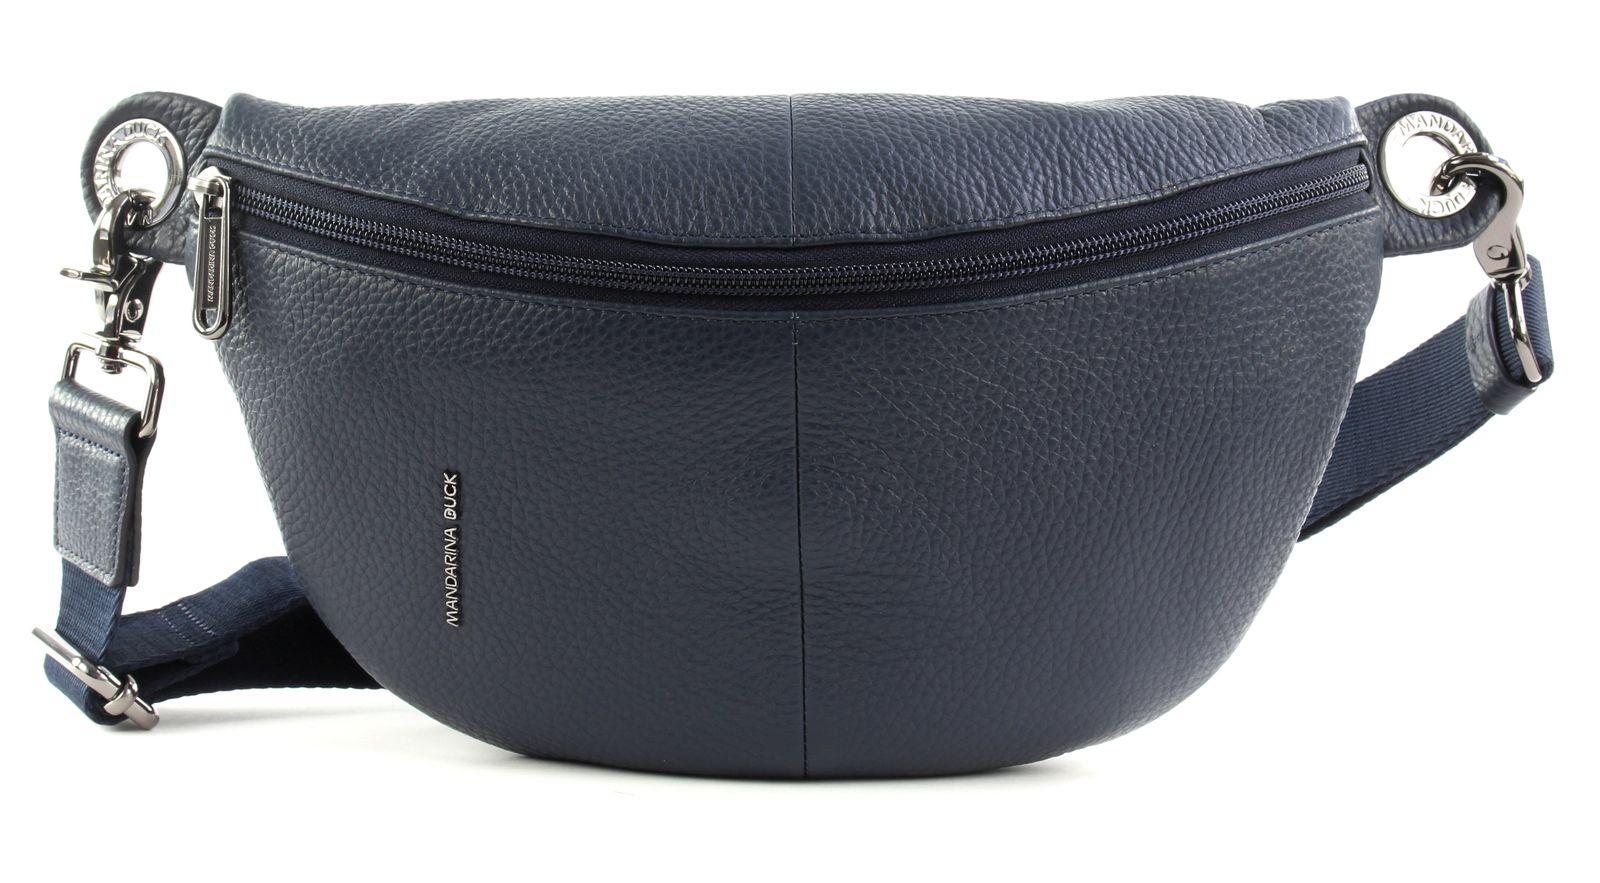 MANDARINA DUCK MD20 Bum Bag Tasche Dress Blue Schwarz Neu